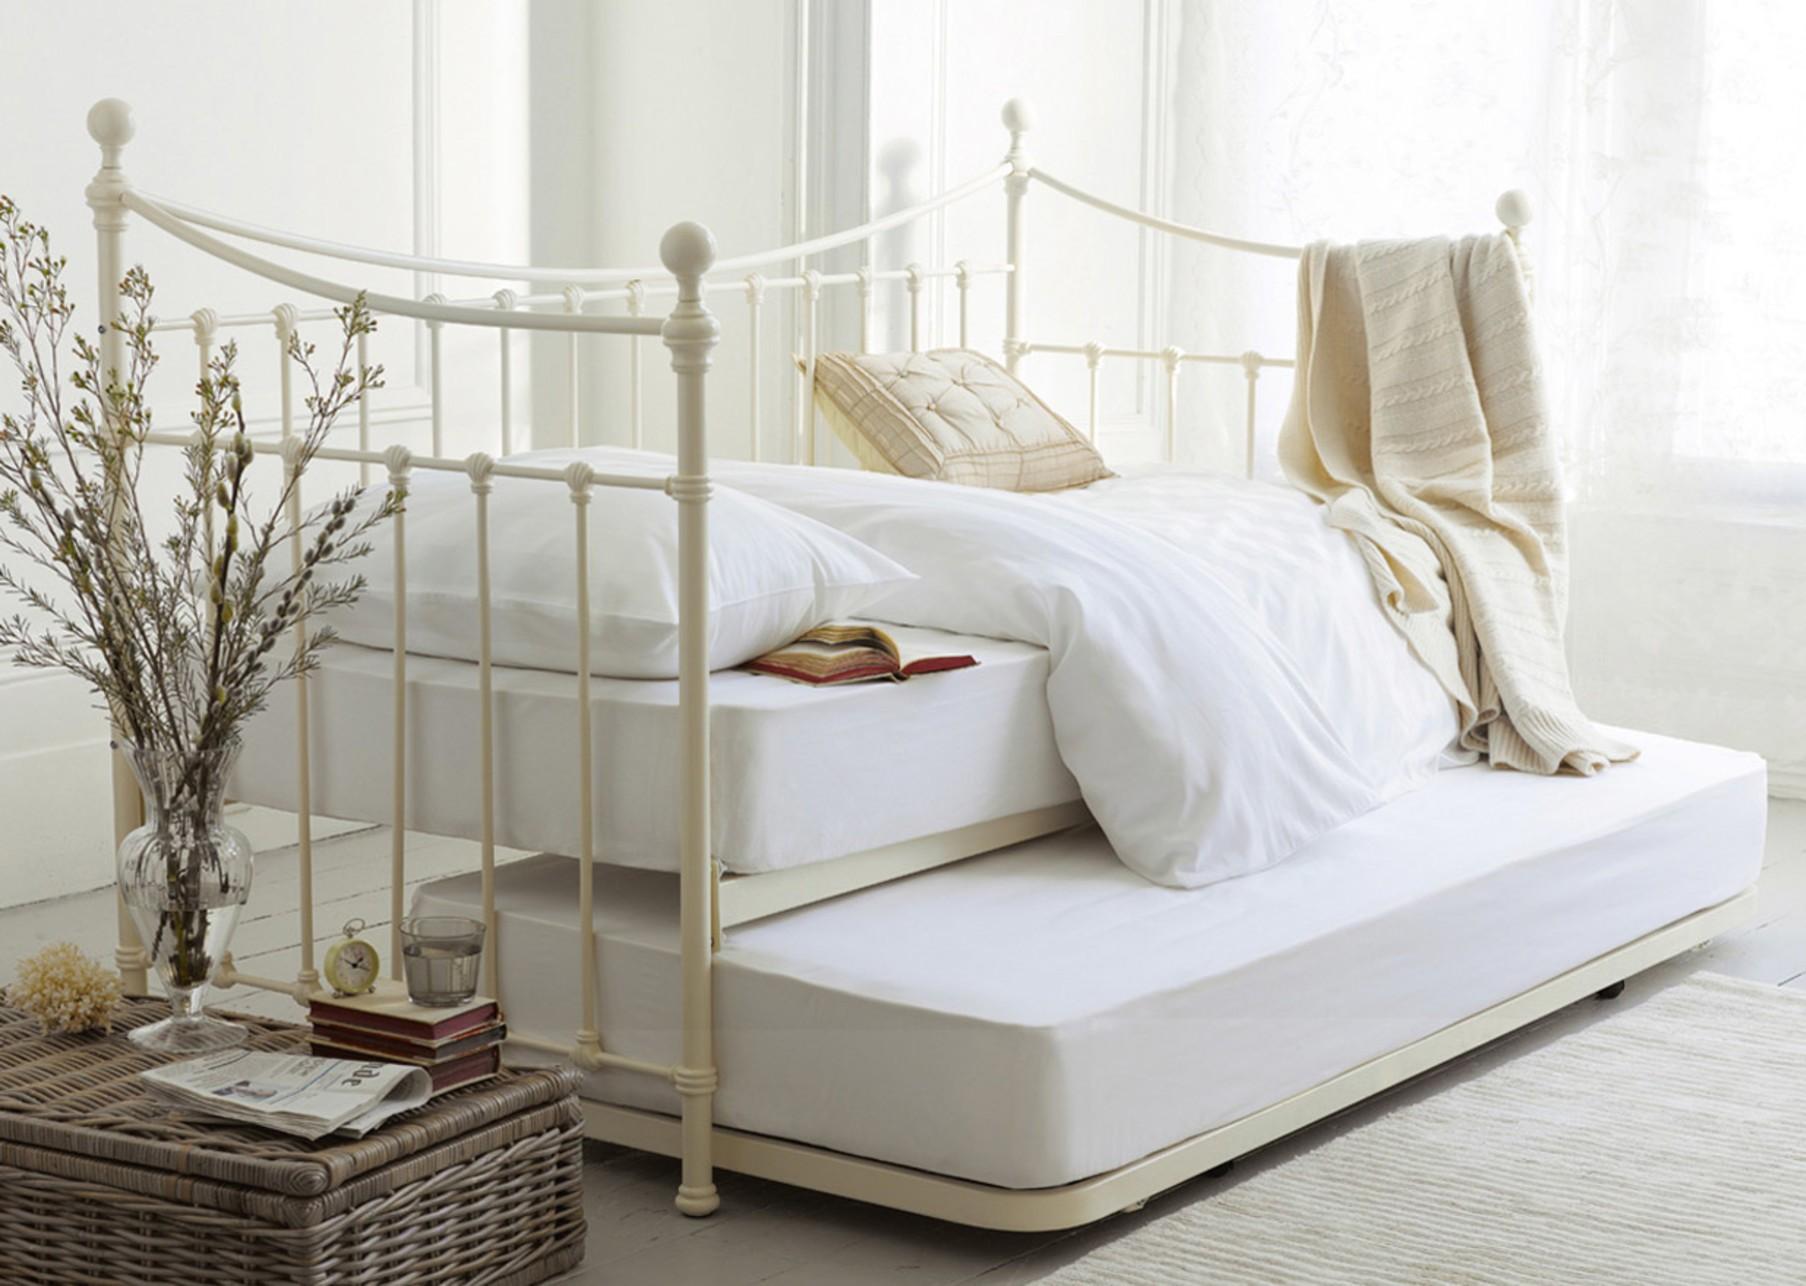 Comprar cama nido Hastings marfil de diseño - Laura Ashley Decoracion